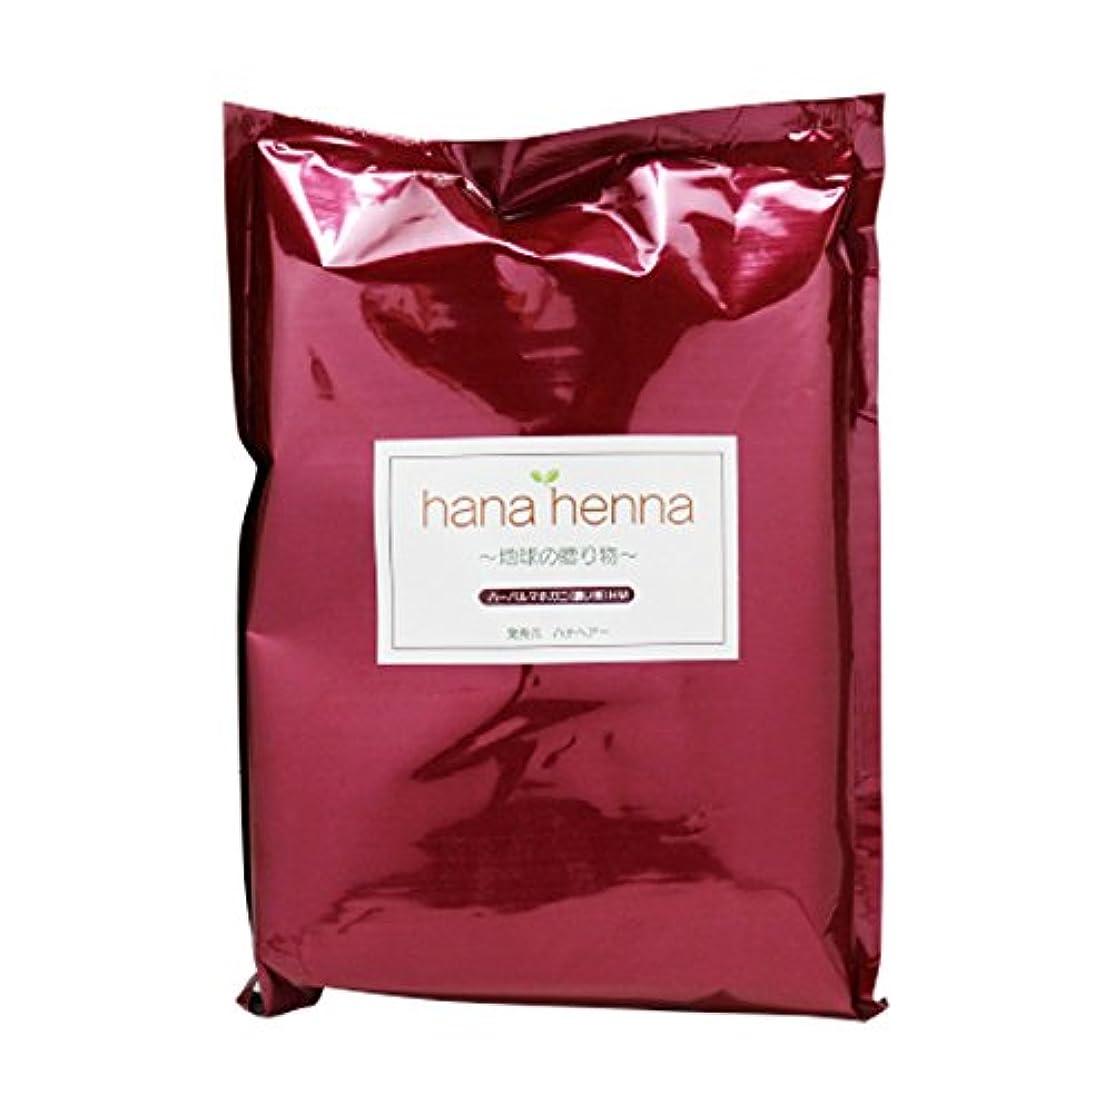 重荷マインド告白するhanahenna ハーバルマホガニー HM(濃い茶) 100g